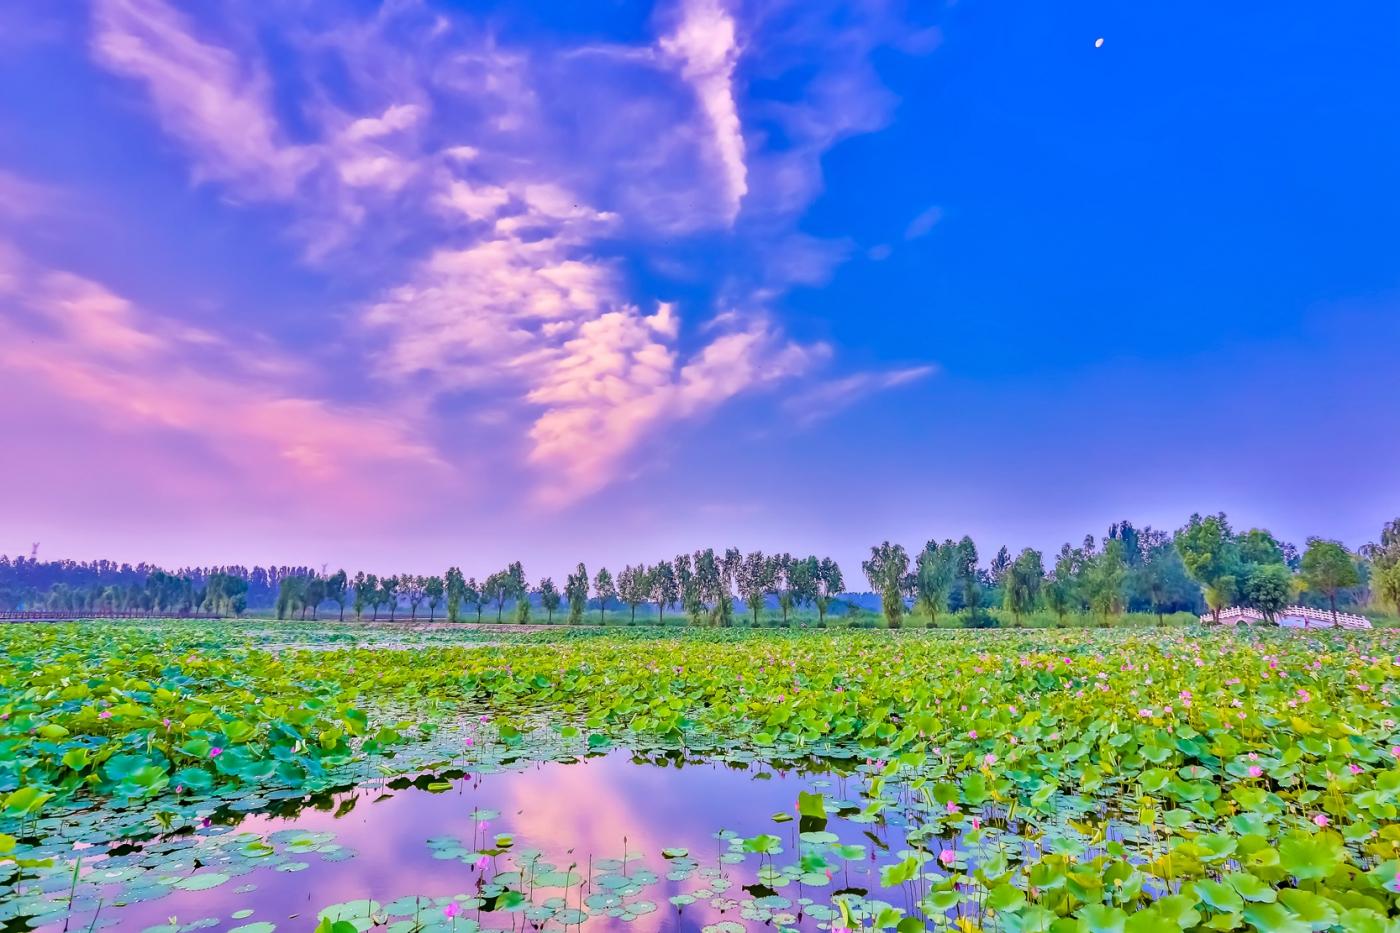 早晨的祥云印照下的临沂黄山武河湿地红荷园_图1-15